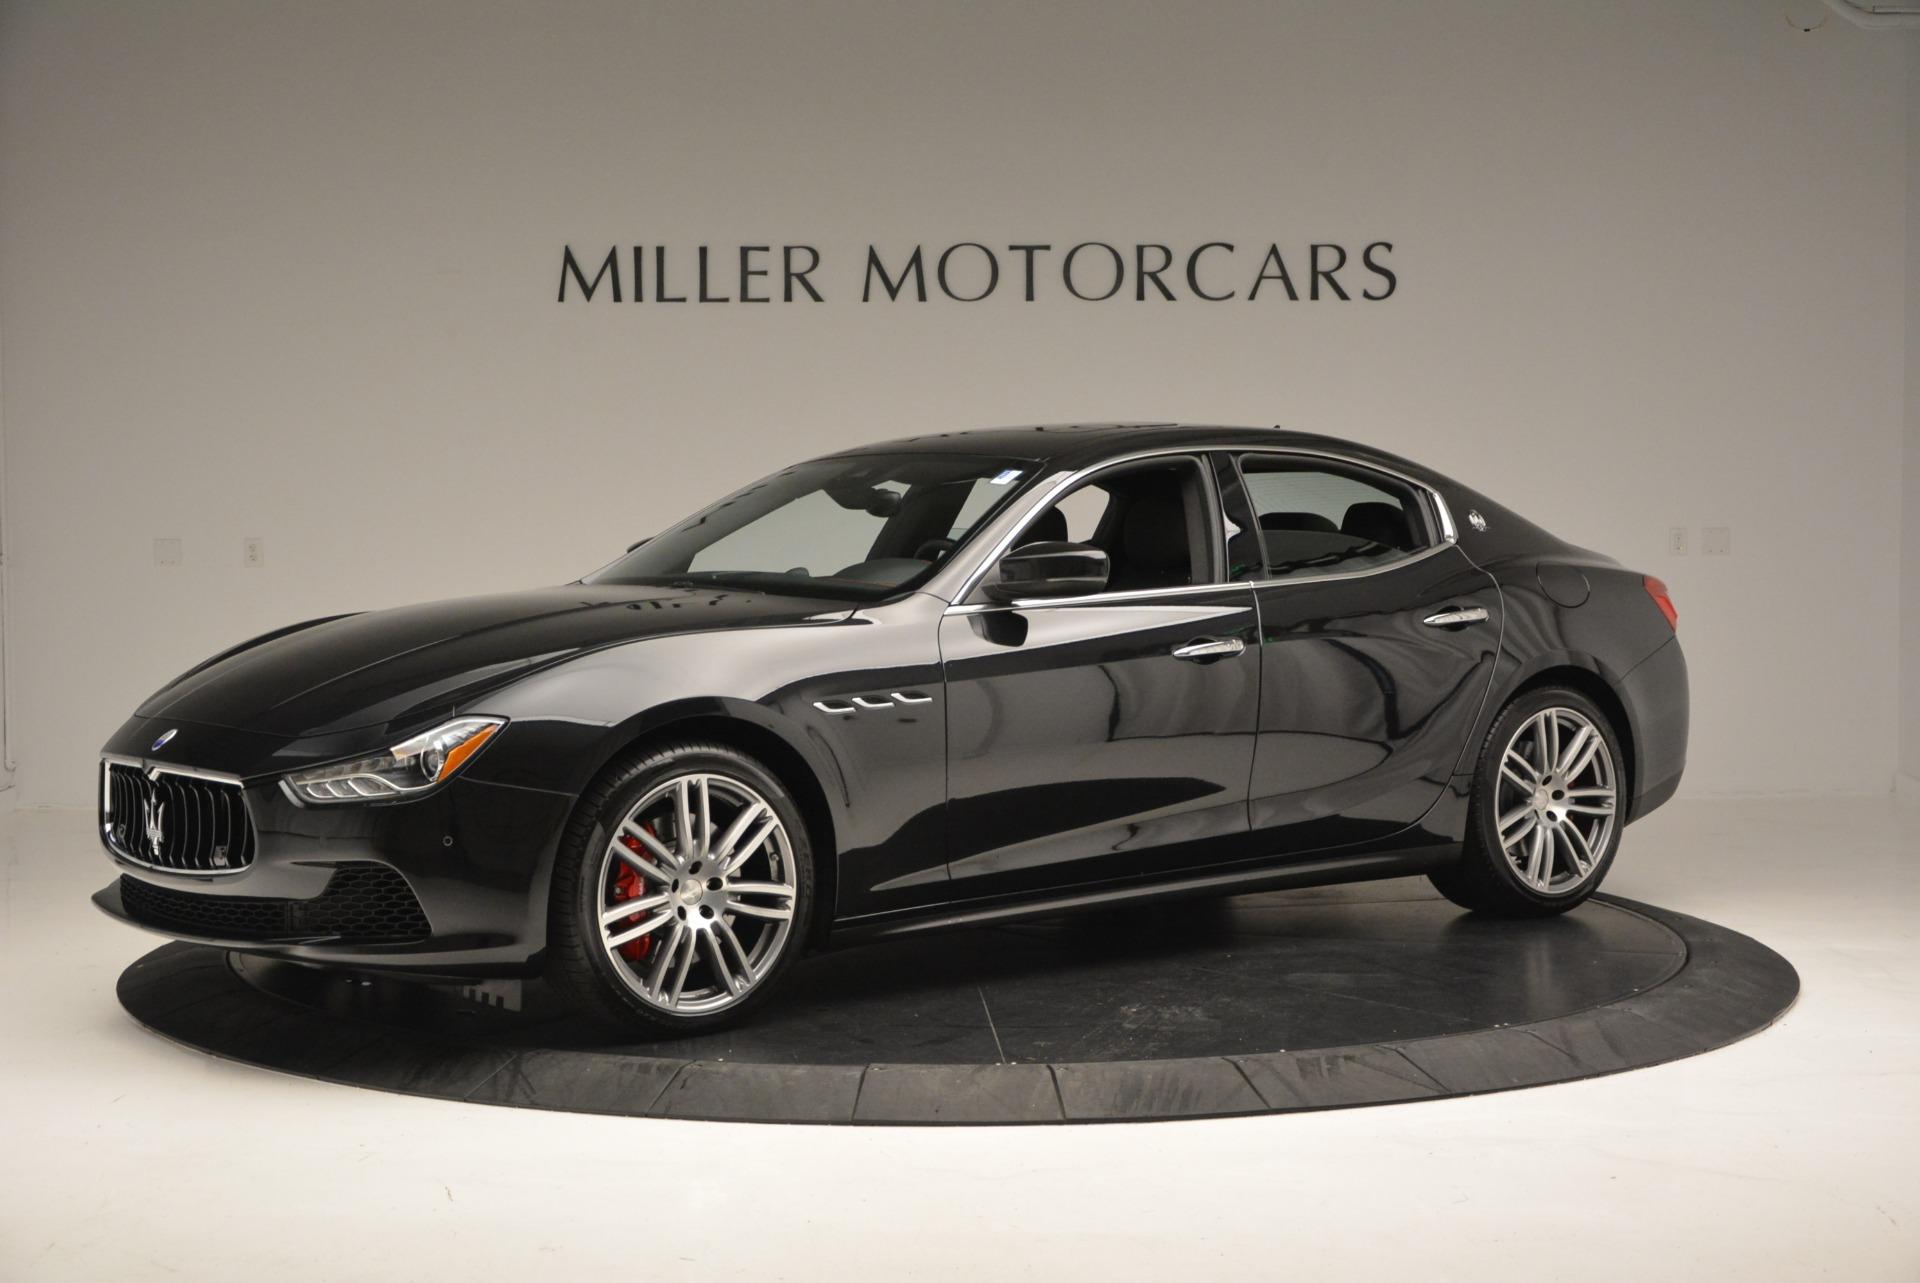 New 2017 Maserati Ghibli S Q4 For Sale In Greenwich, CT 604_p2